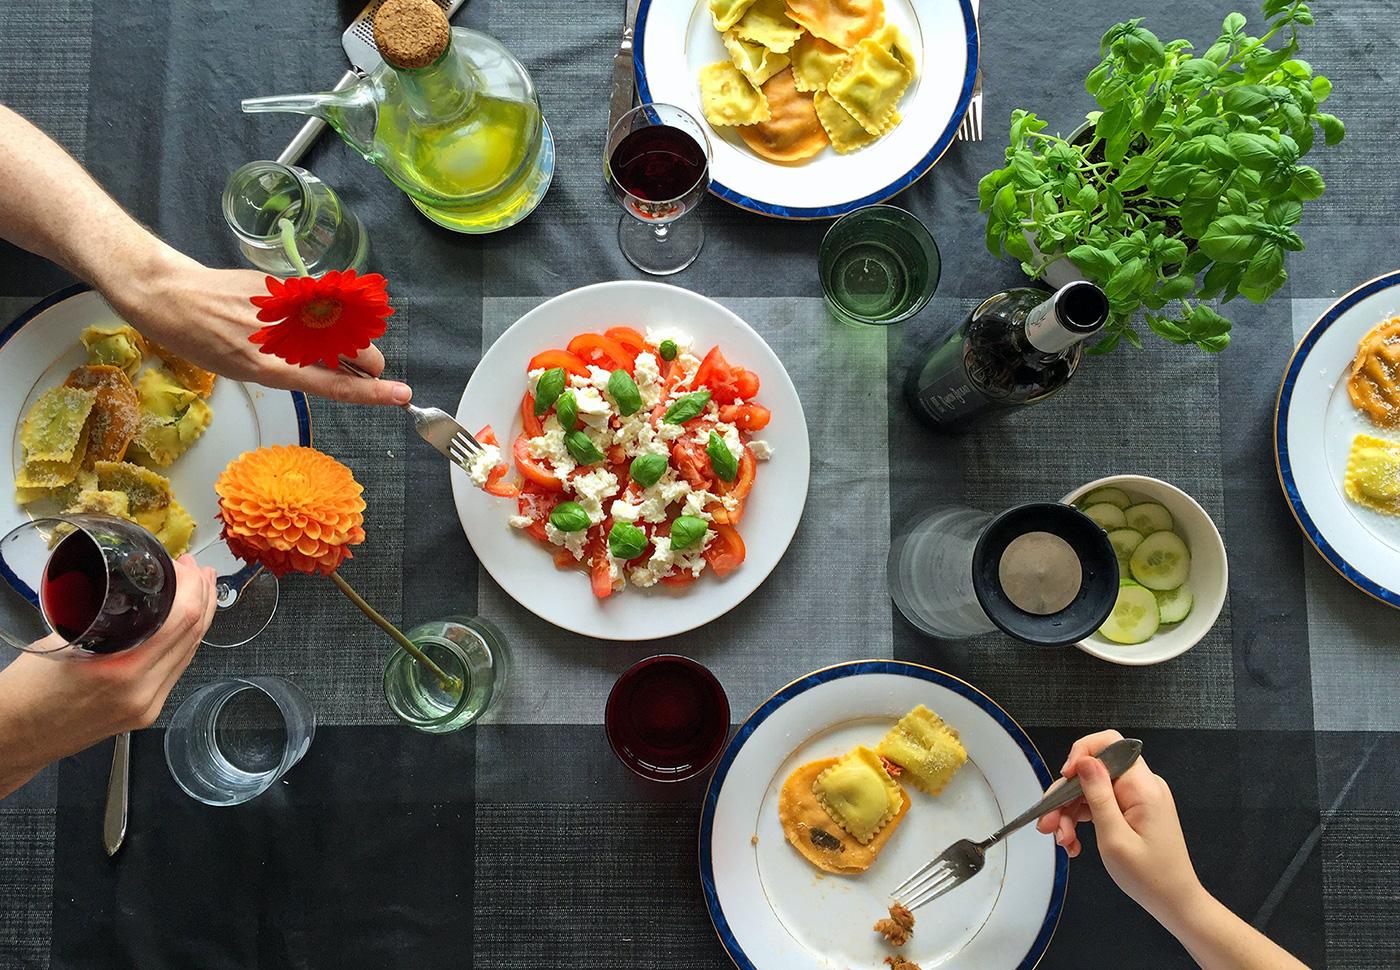 La #cucinadiffusa è pronta a riaprire! Ecco le regole da seguire per la sicurezza di tutti